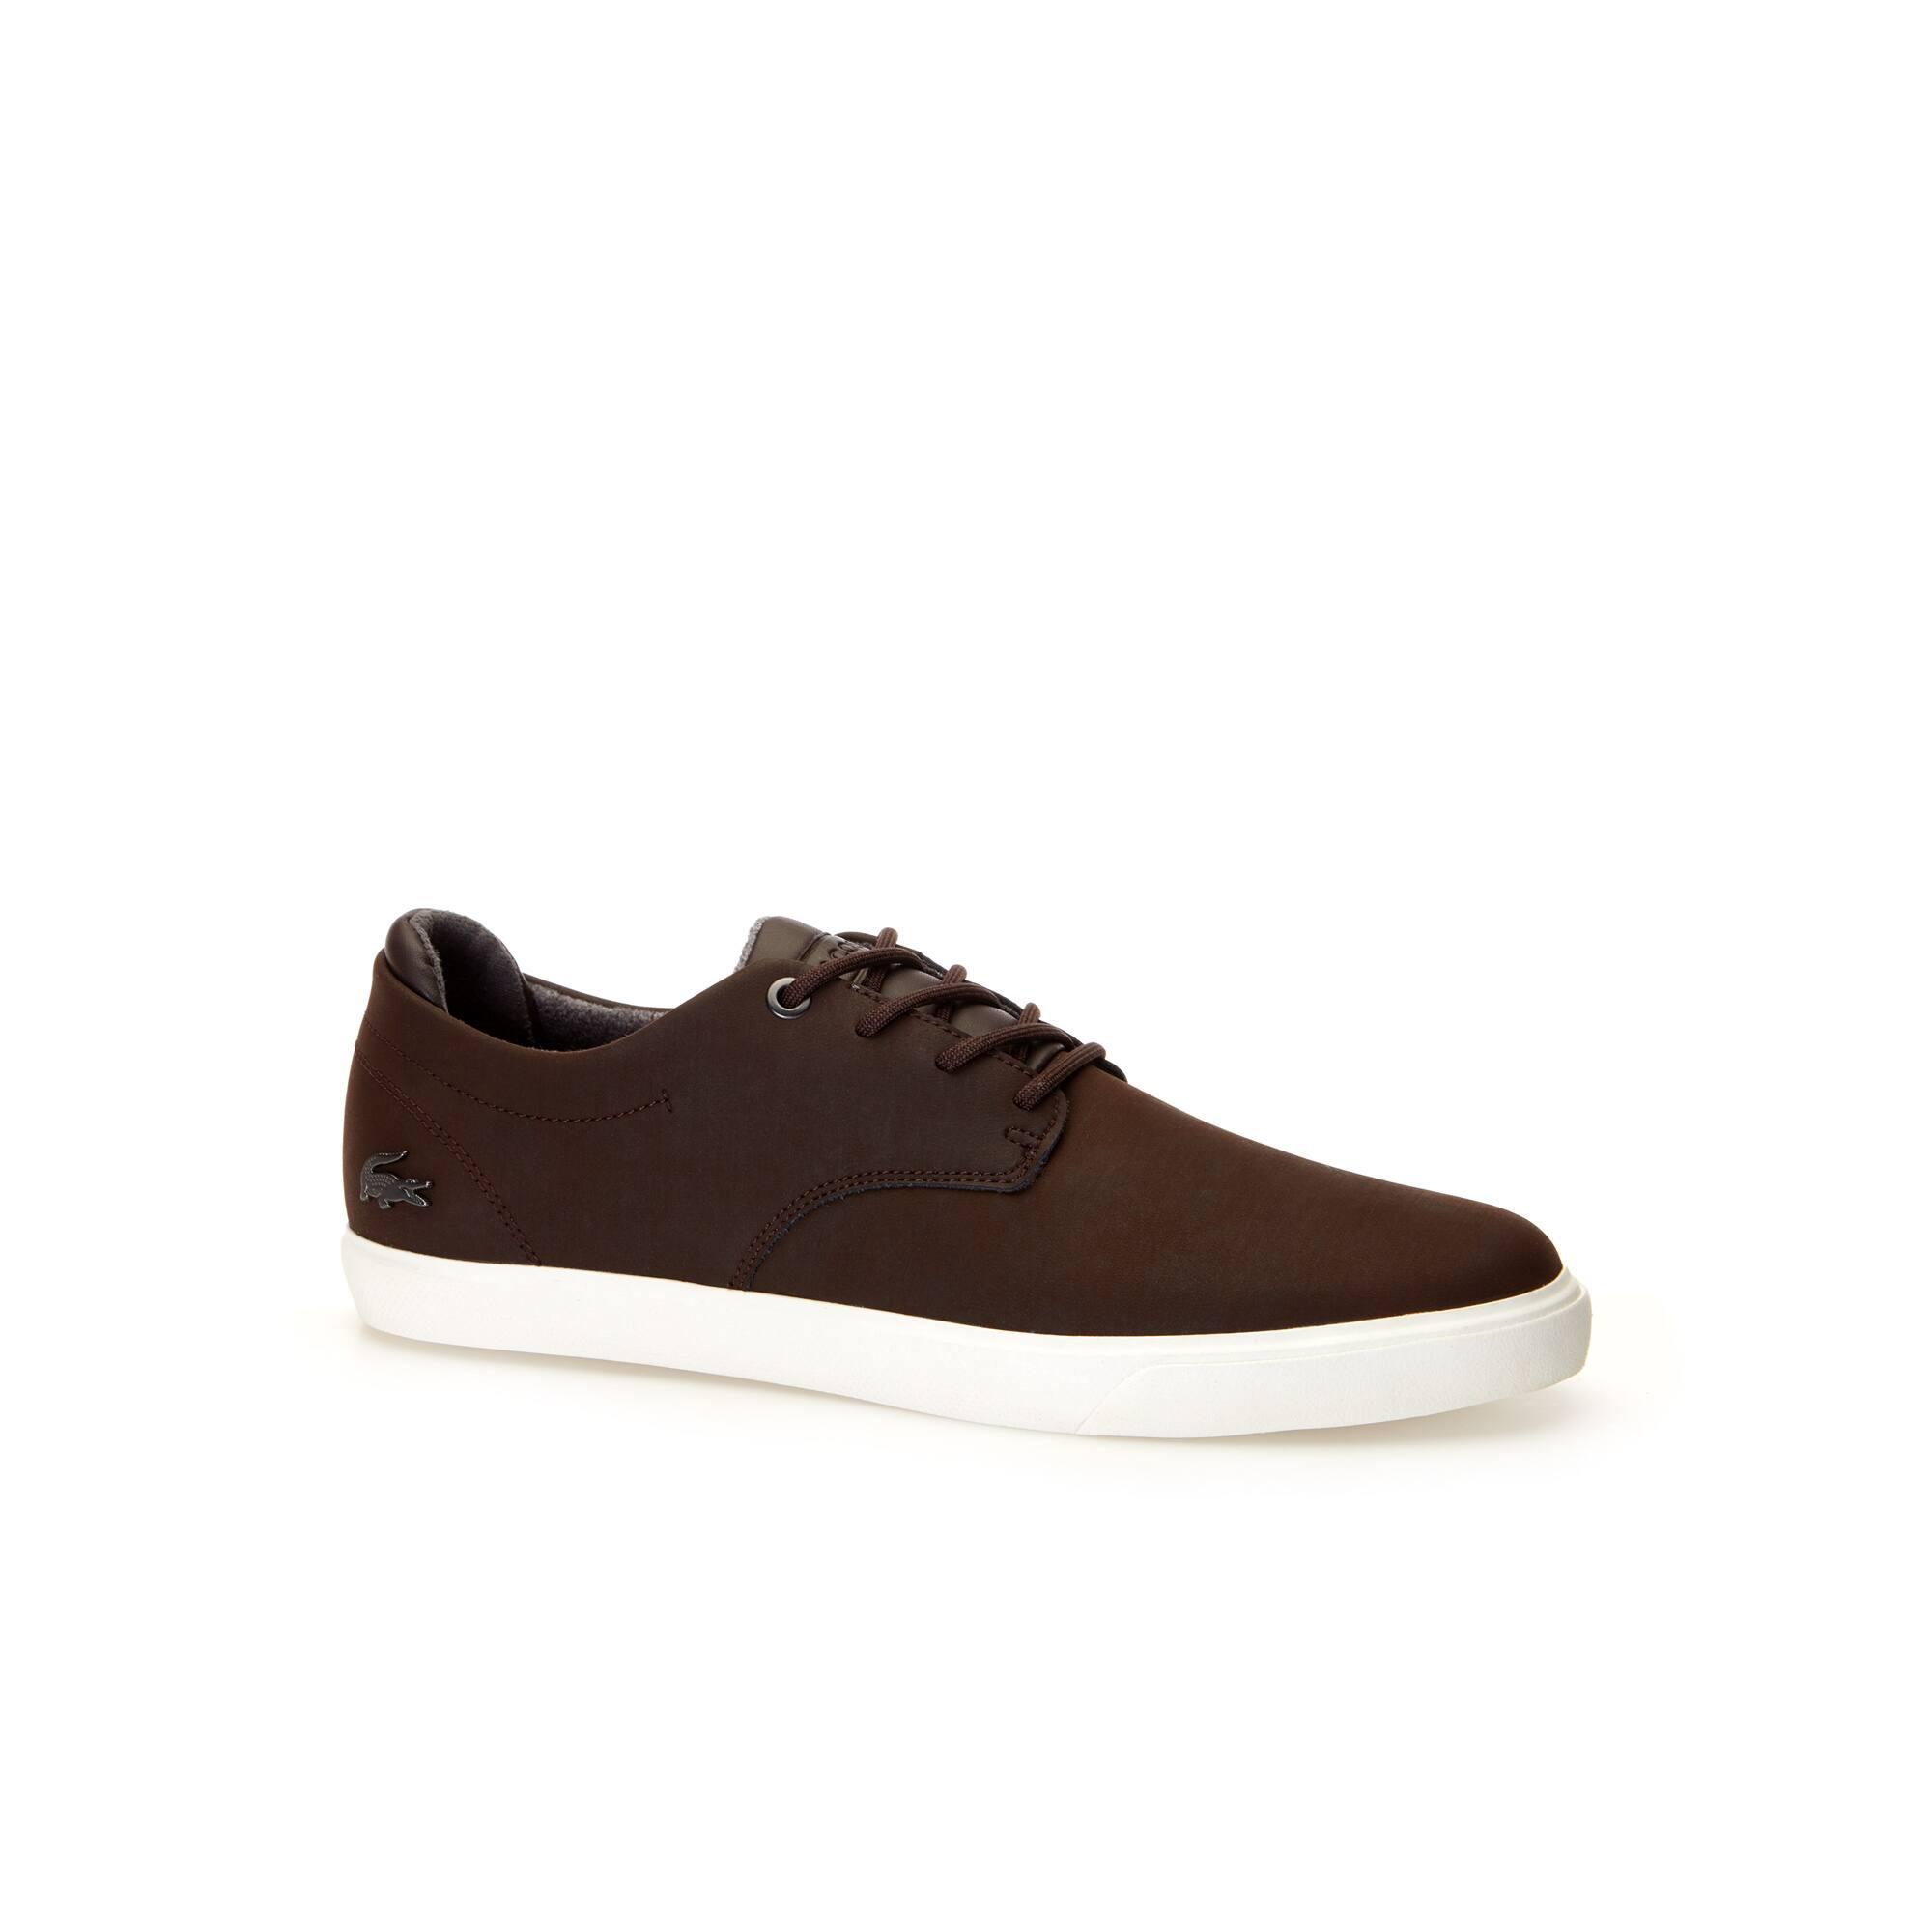 Sneakers Esparre homme en cuir